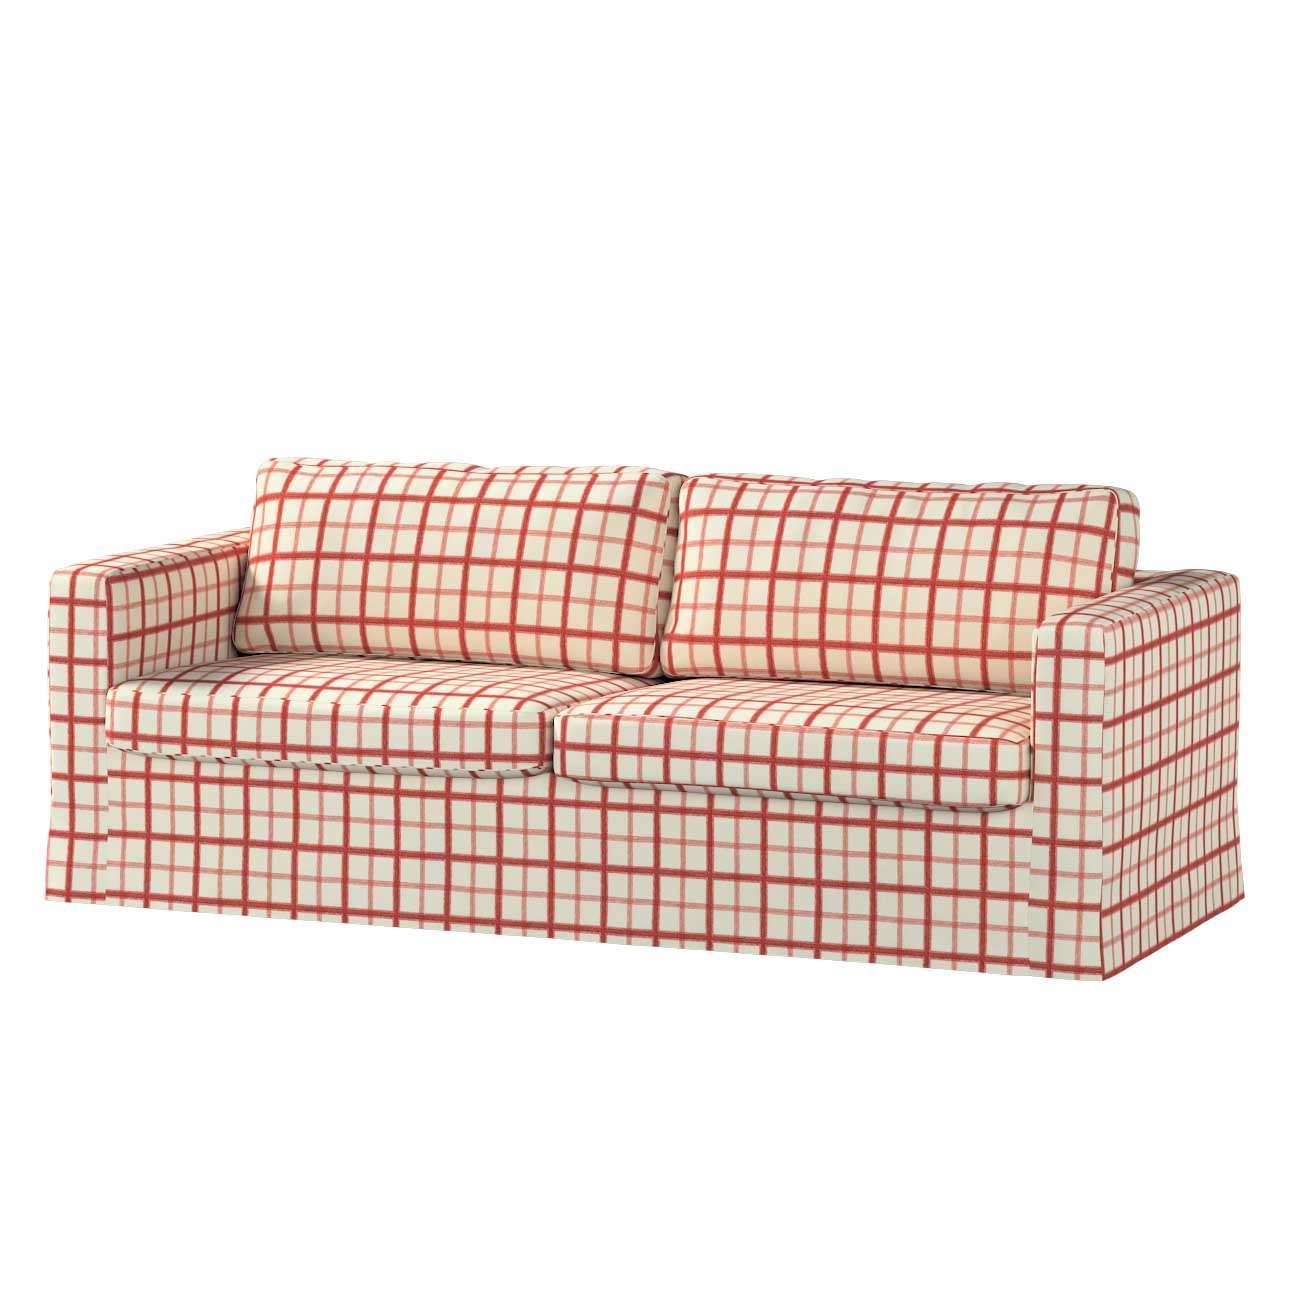 Potah na pohovku IKEA  Karlstad 3-místná, nerozkládací, dlouhý pohovka Karlstad 3-místná v kolekci Avignon, látka: 131-15